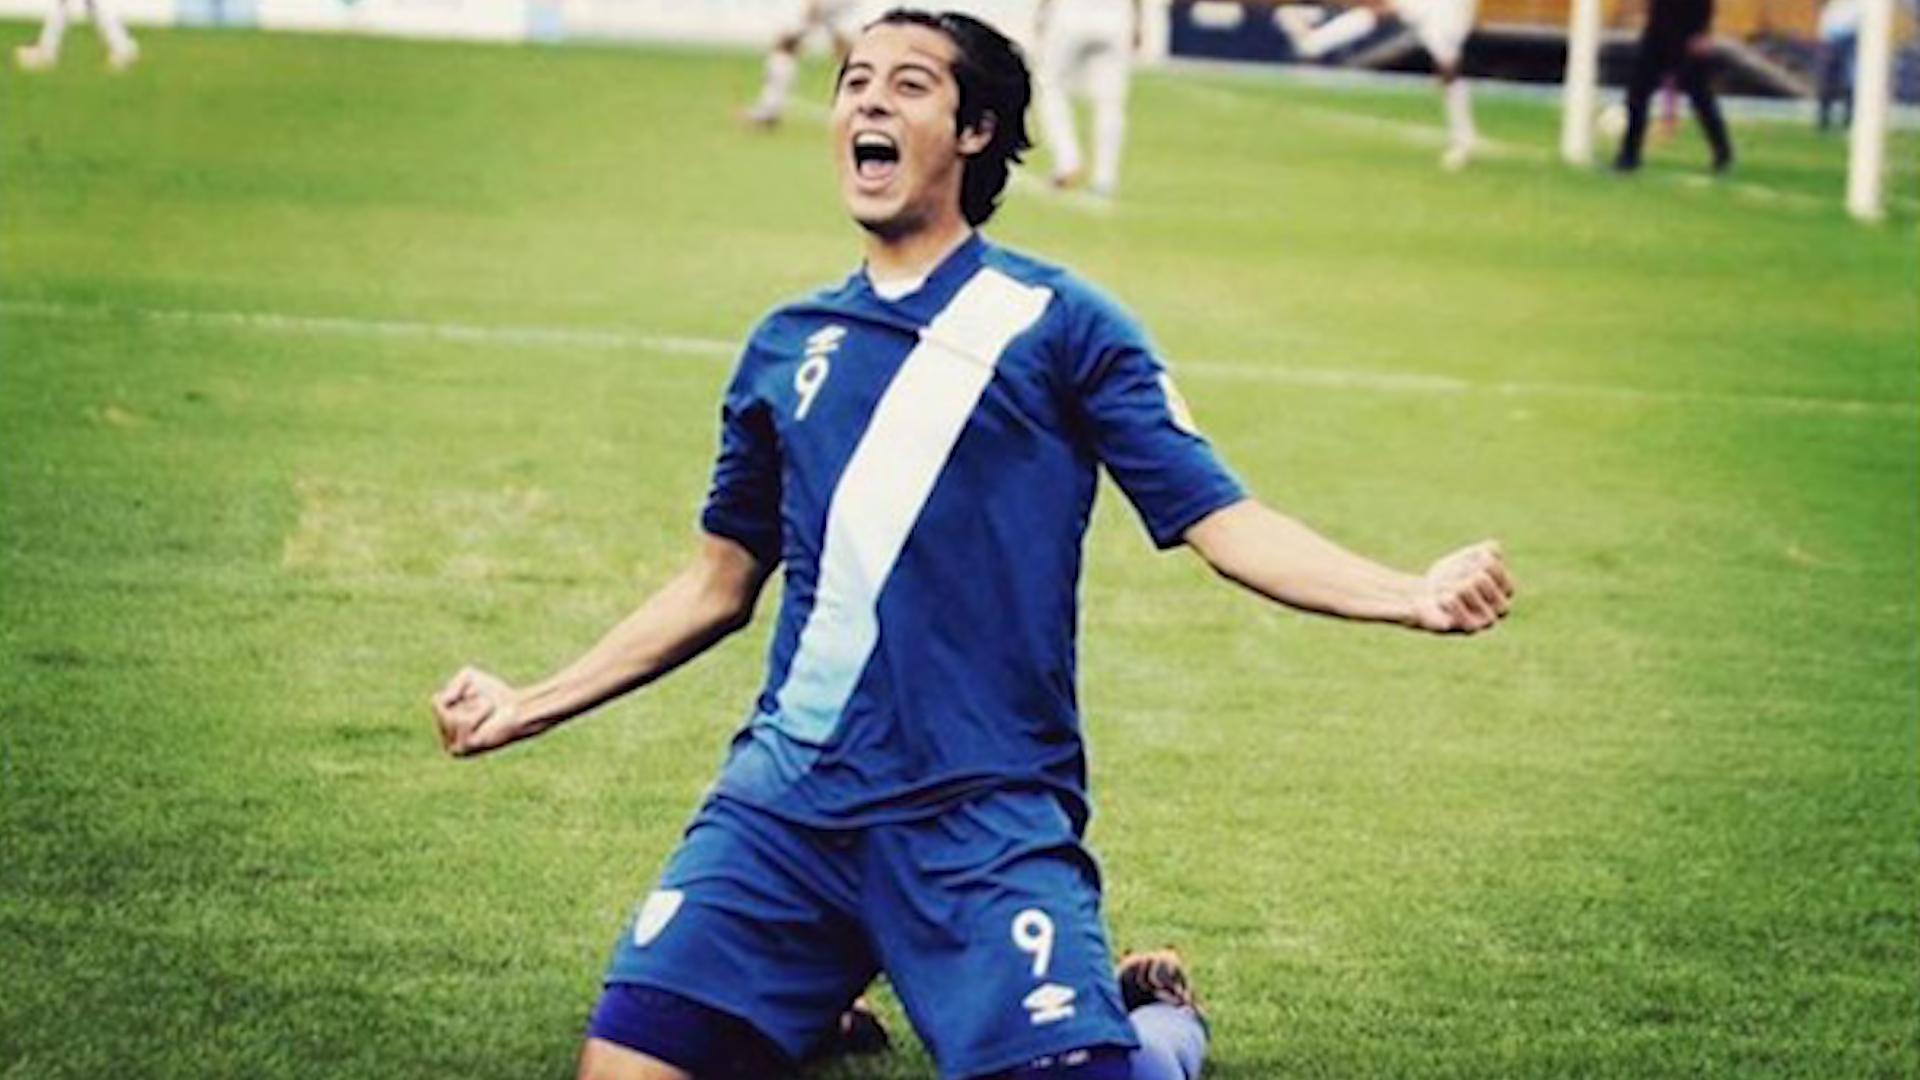 José Arias jugó con la Bicolor durante el Torneo de Futbol Unificado de Centroamérica y el Caribe que se disputó en 2018 en nuestro país. (Foto Prensa Libre: Fedefut)